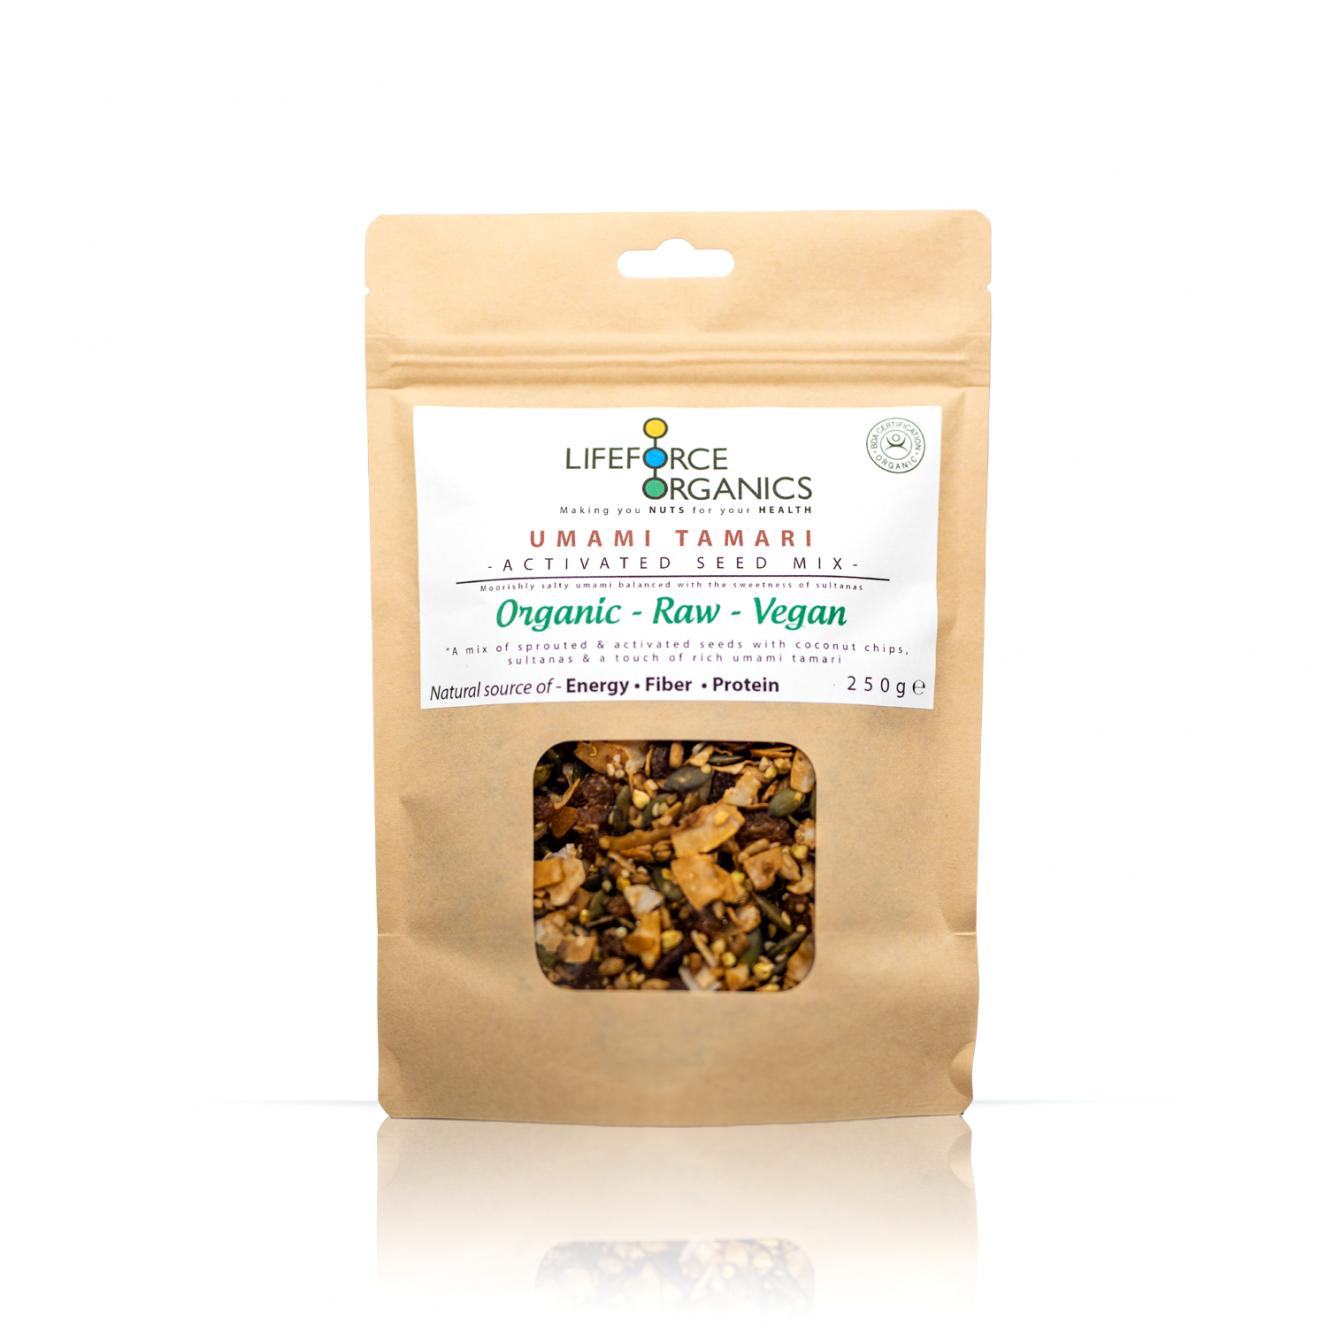 Umami Tamari Activated Seed Mix (Organic) 250g